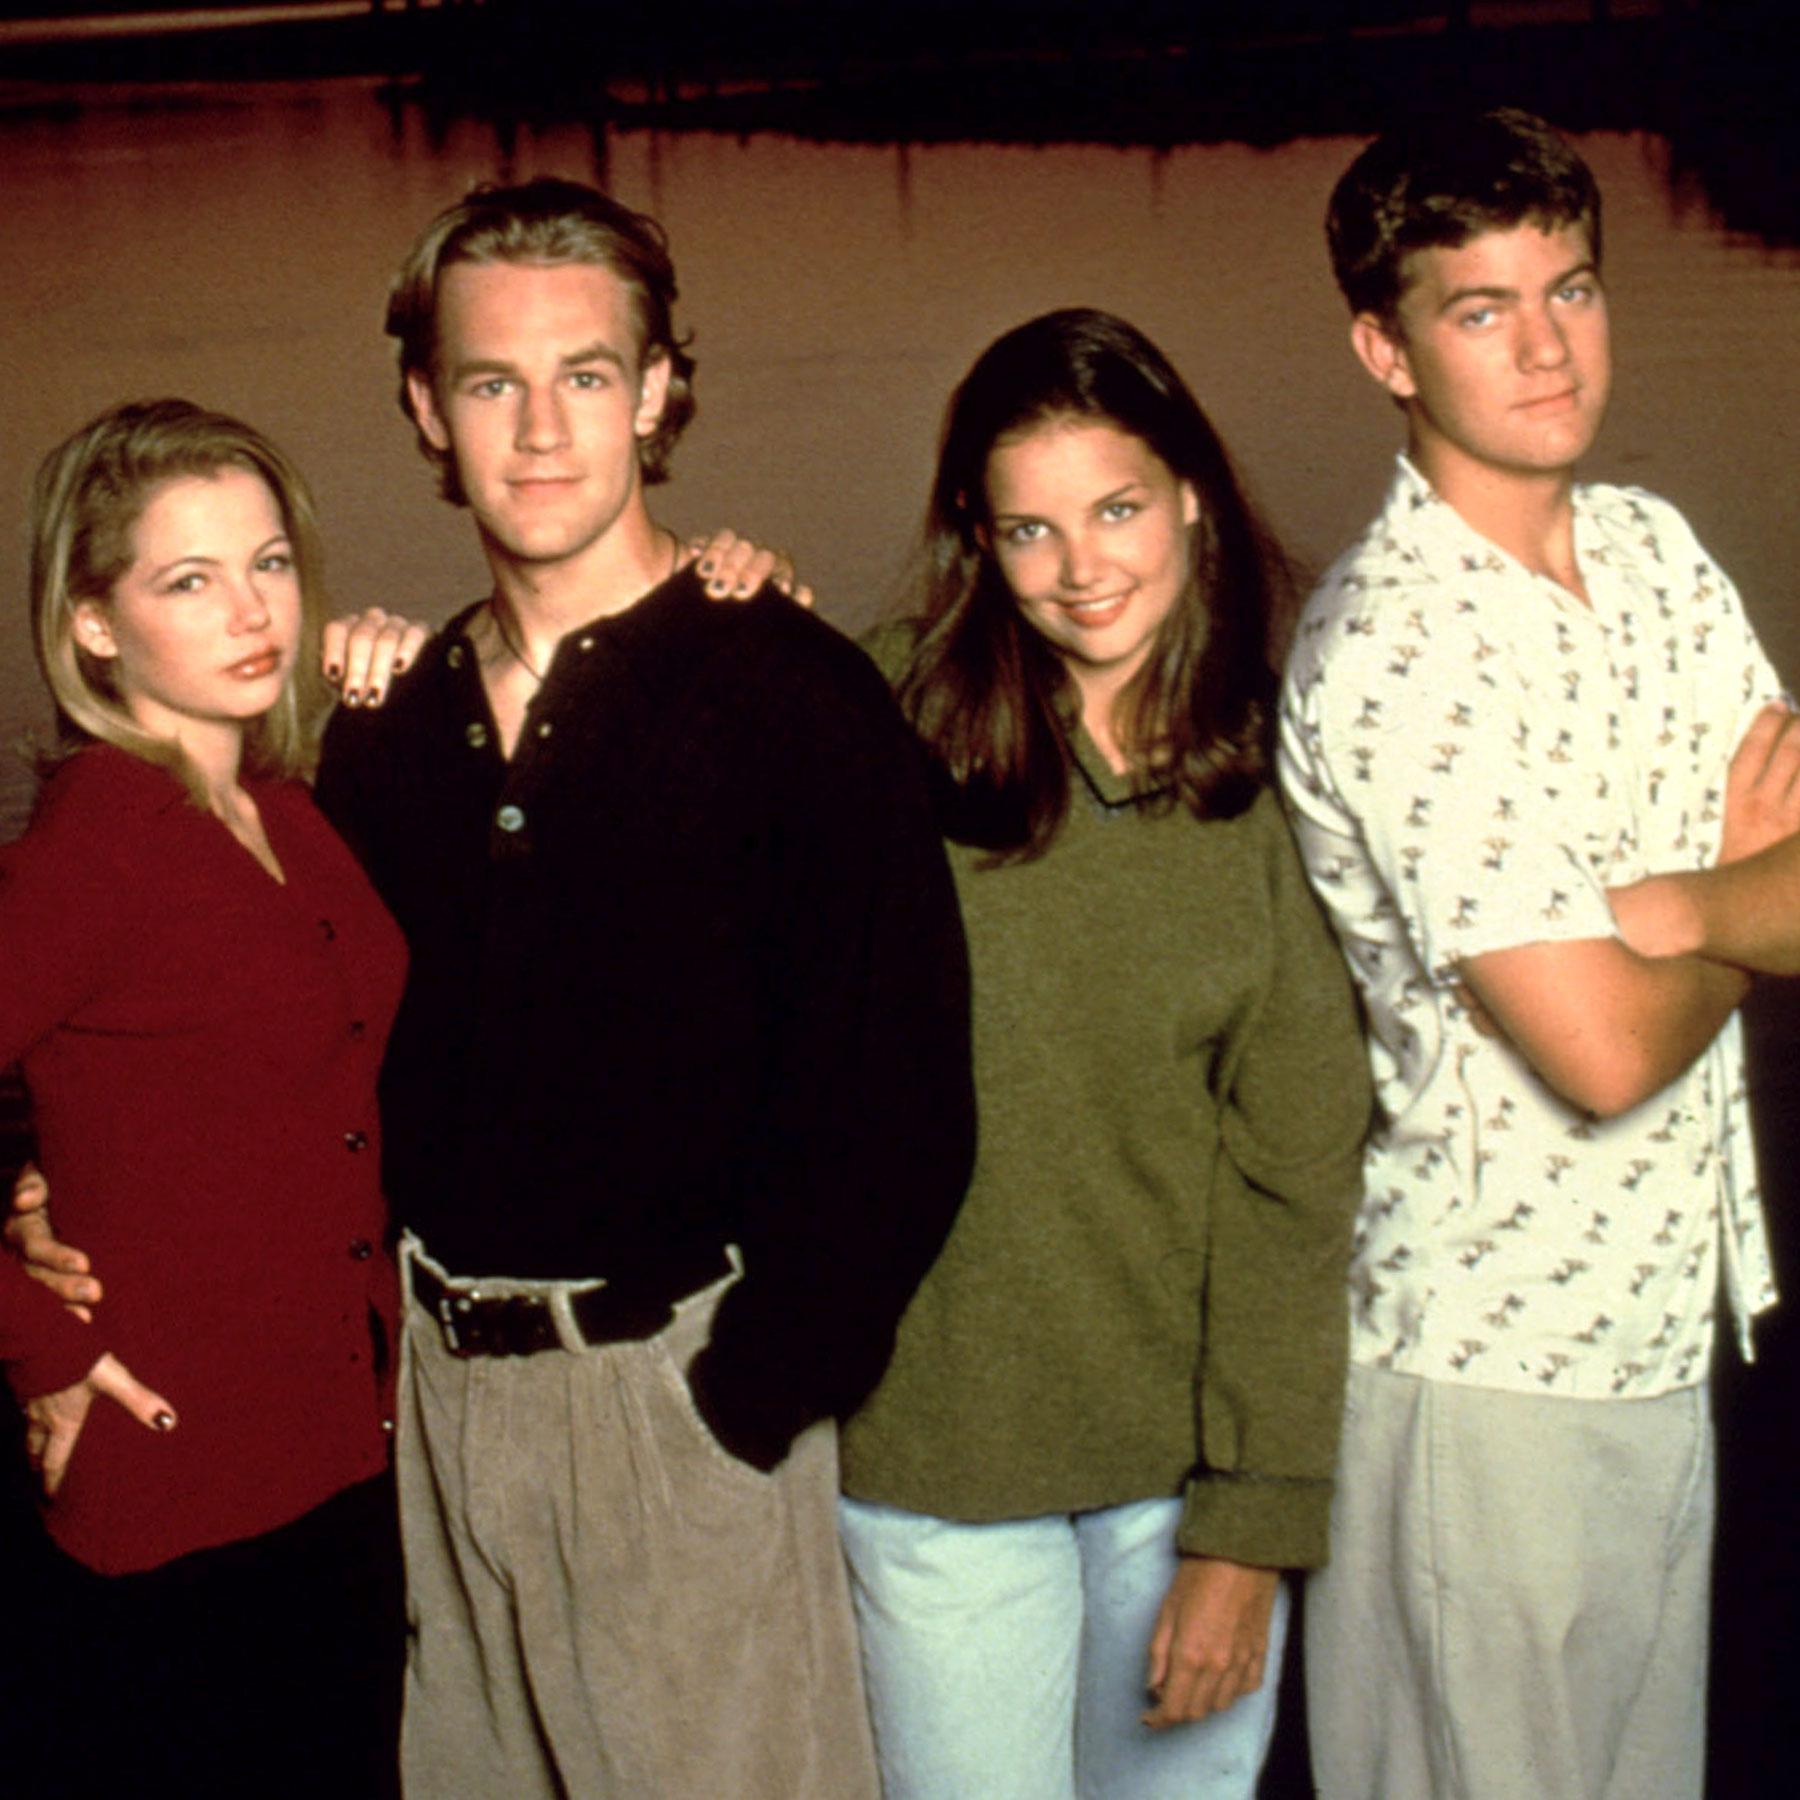 DAWSON'S CREEK, Michelle Williams, James Van Der Beek, Katie Holmes, Joshua Jackson, 1998-present, y